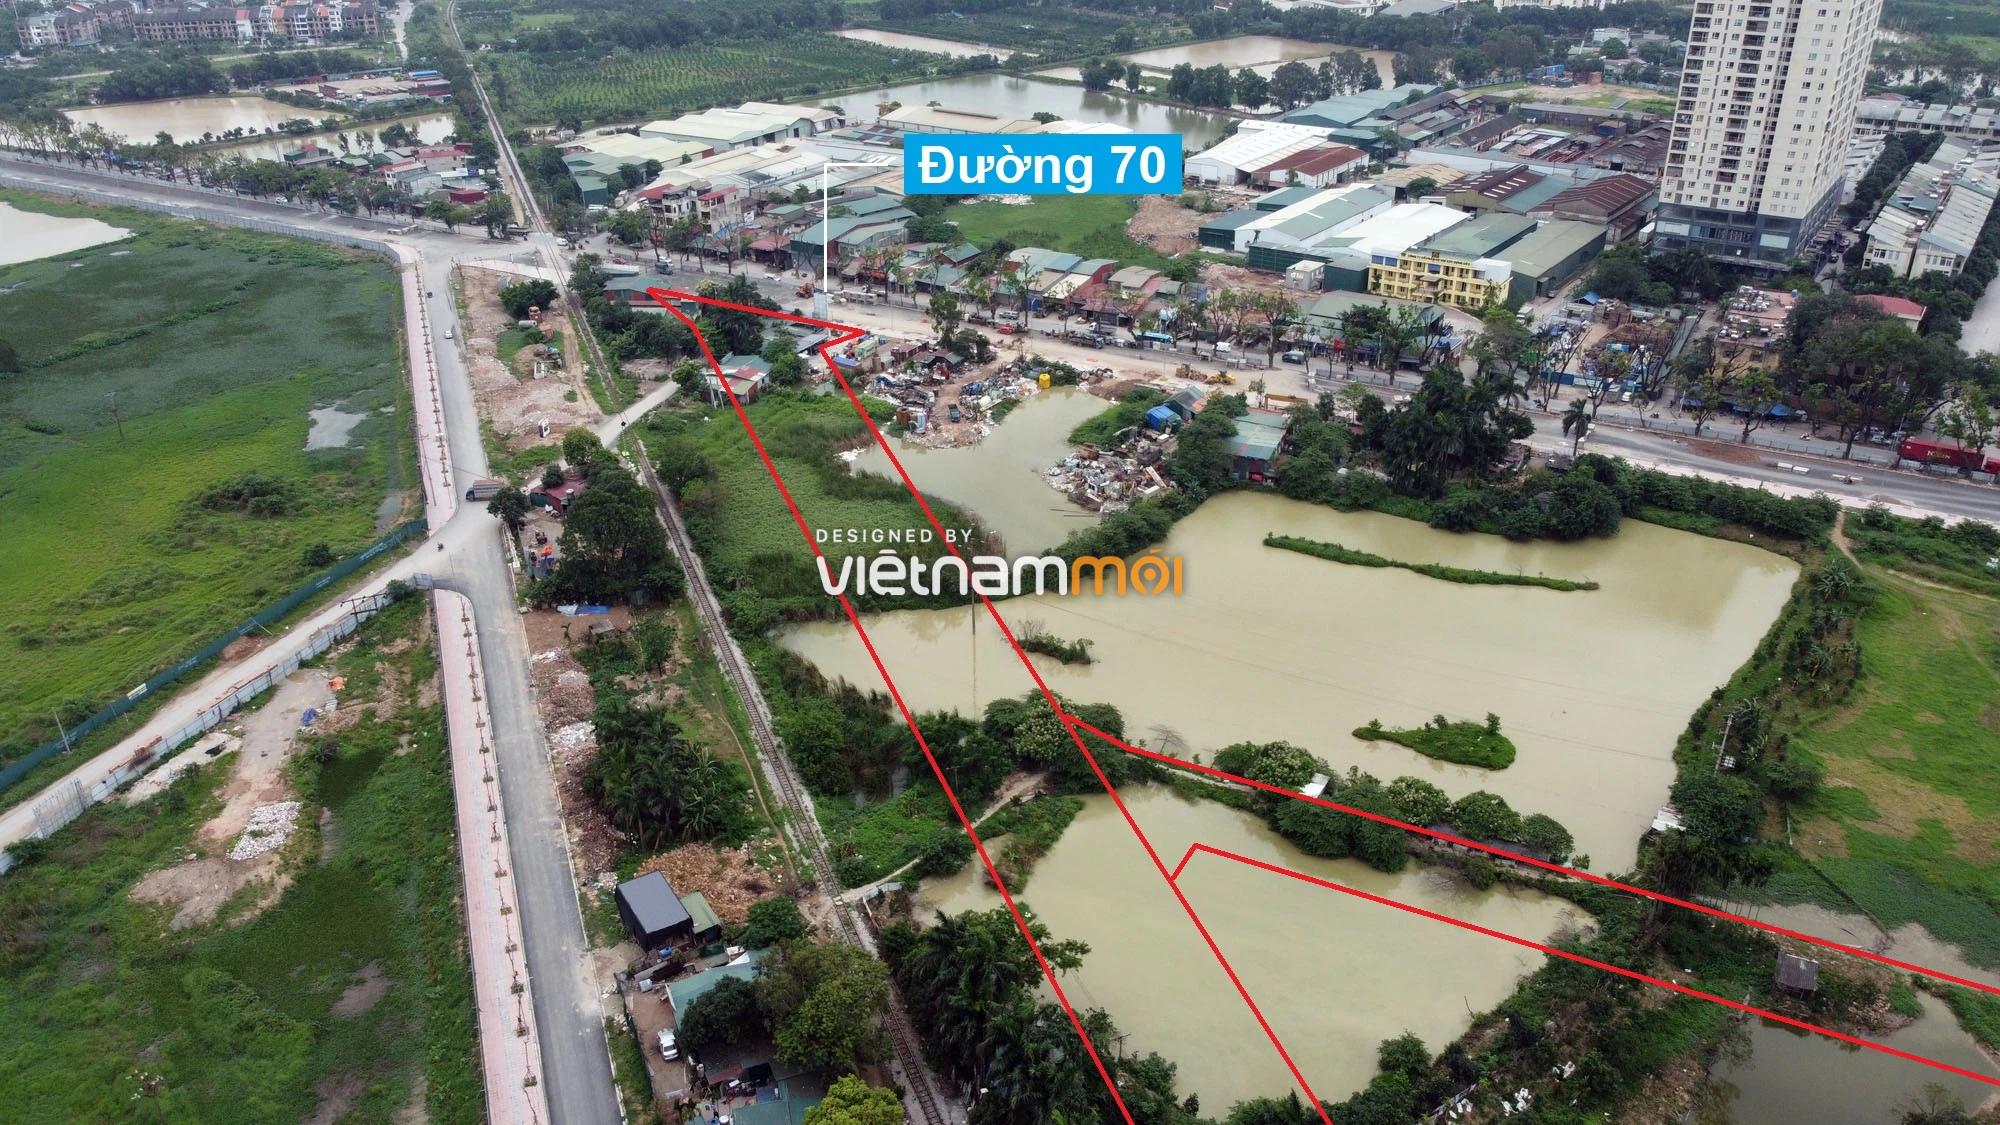 Những khu đất sắp thu hồi để mở đường ở phường Tây Mỗ, Nam Từ Liêm, Hà Nội (phần 4) - Ảnh 14.